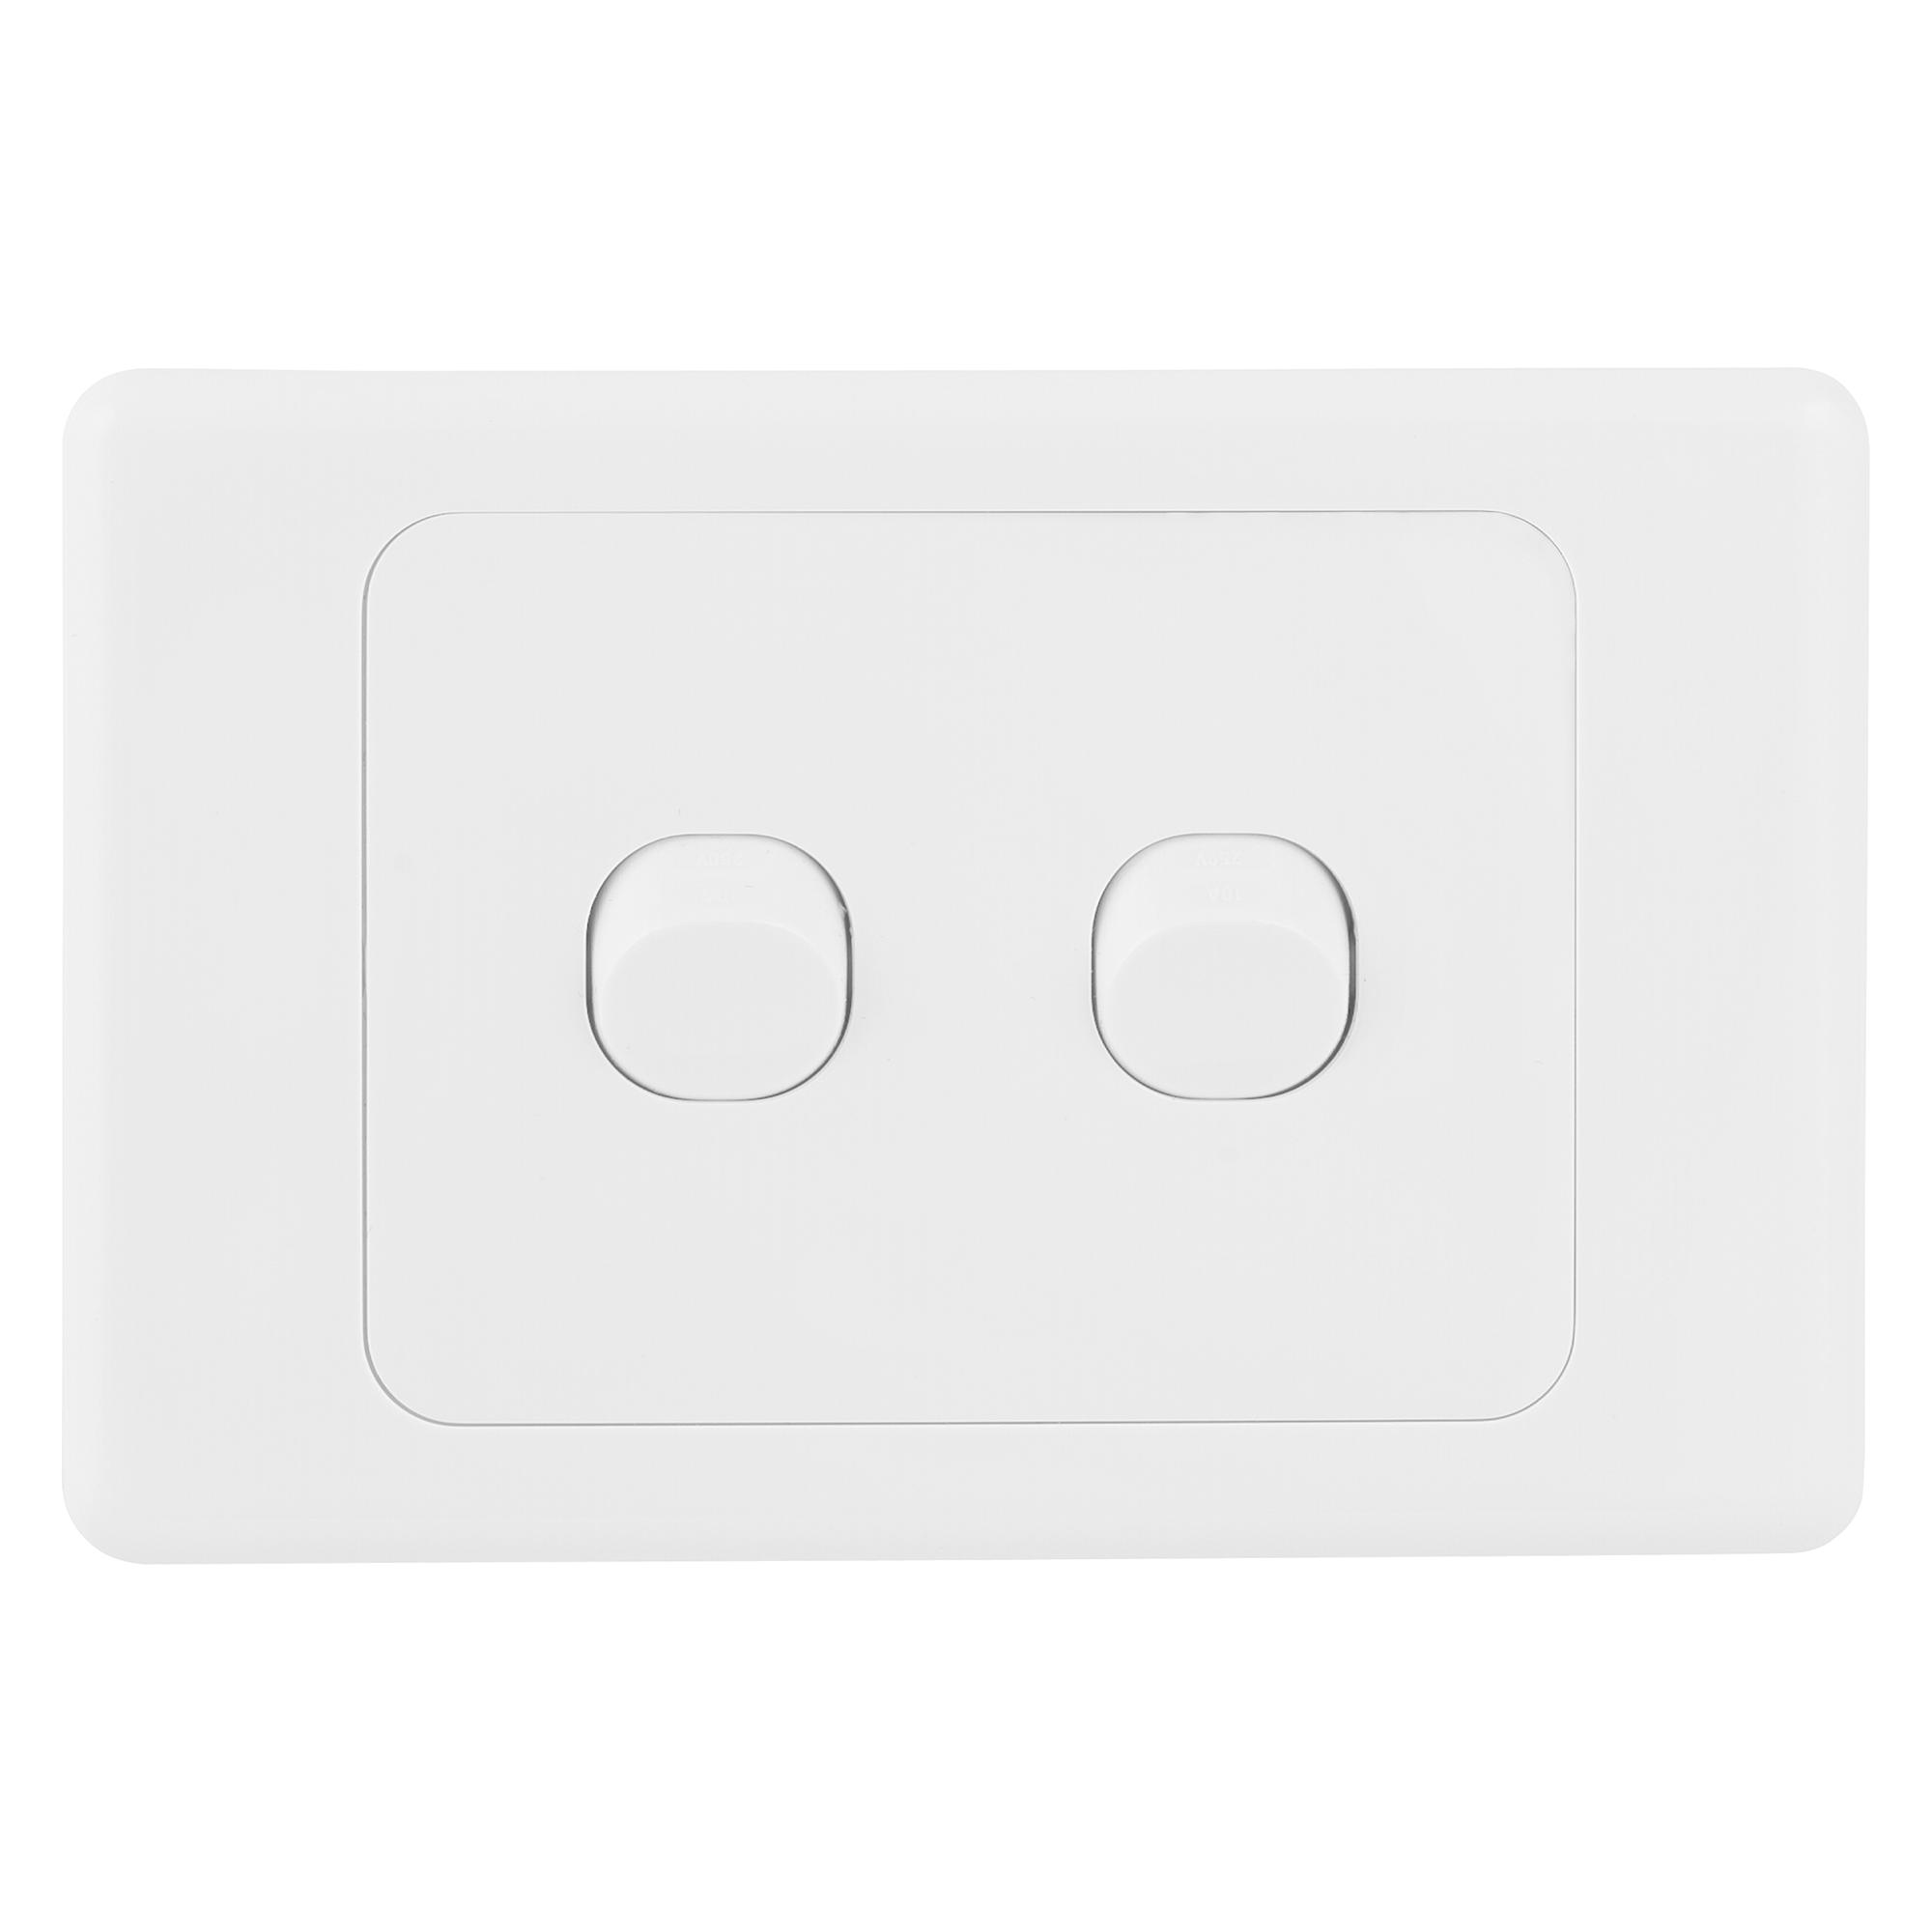 Deta s-line double switch